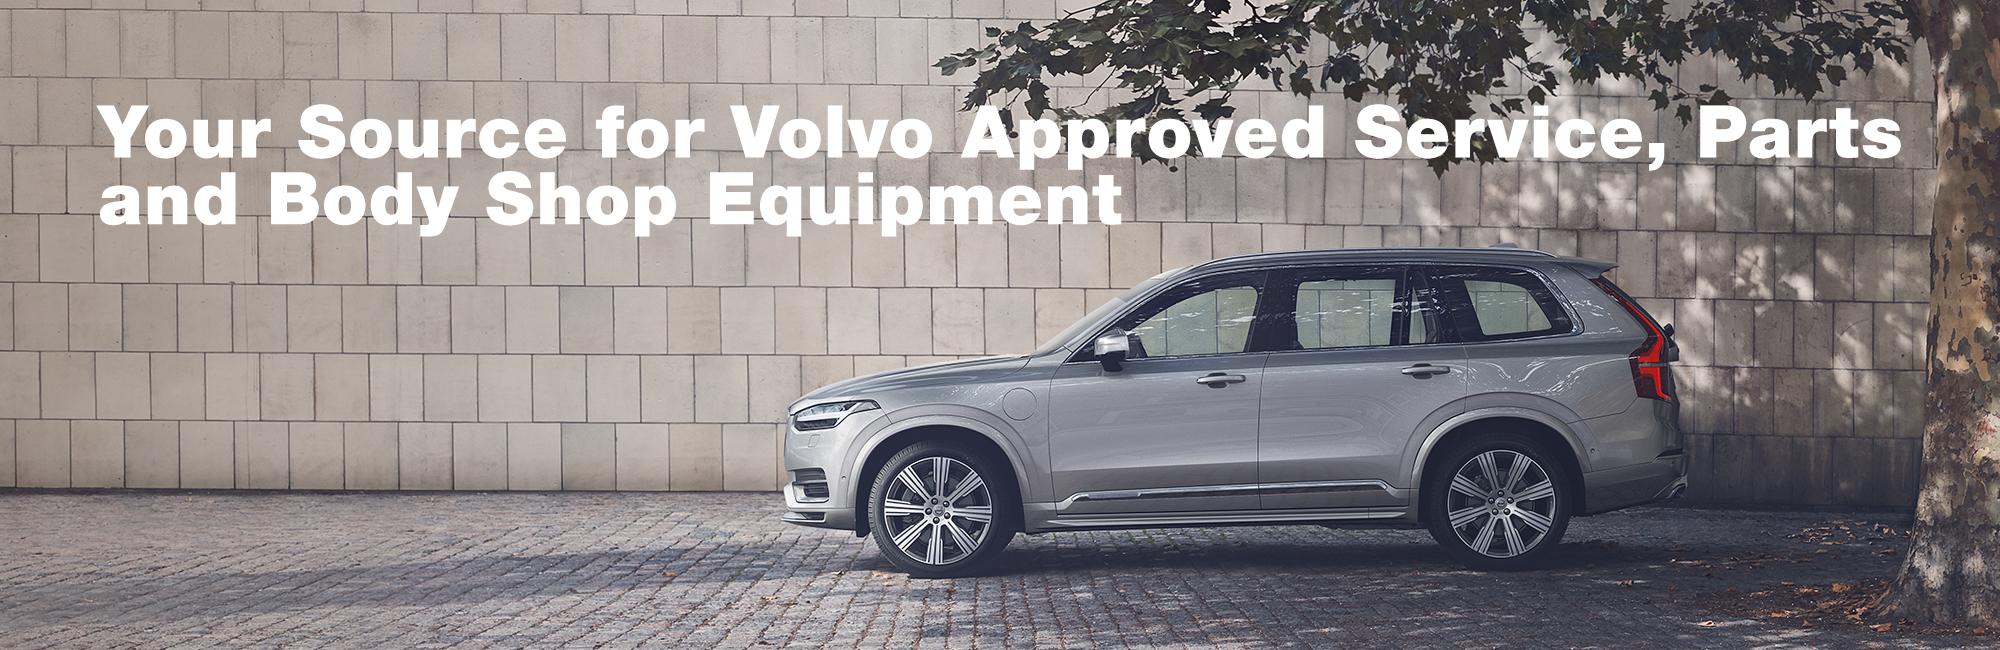 A Volvo car in profile